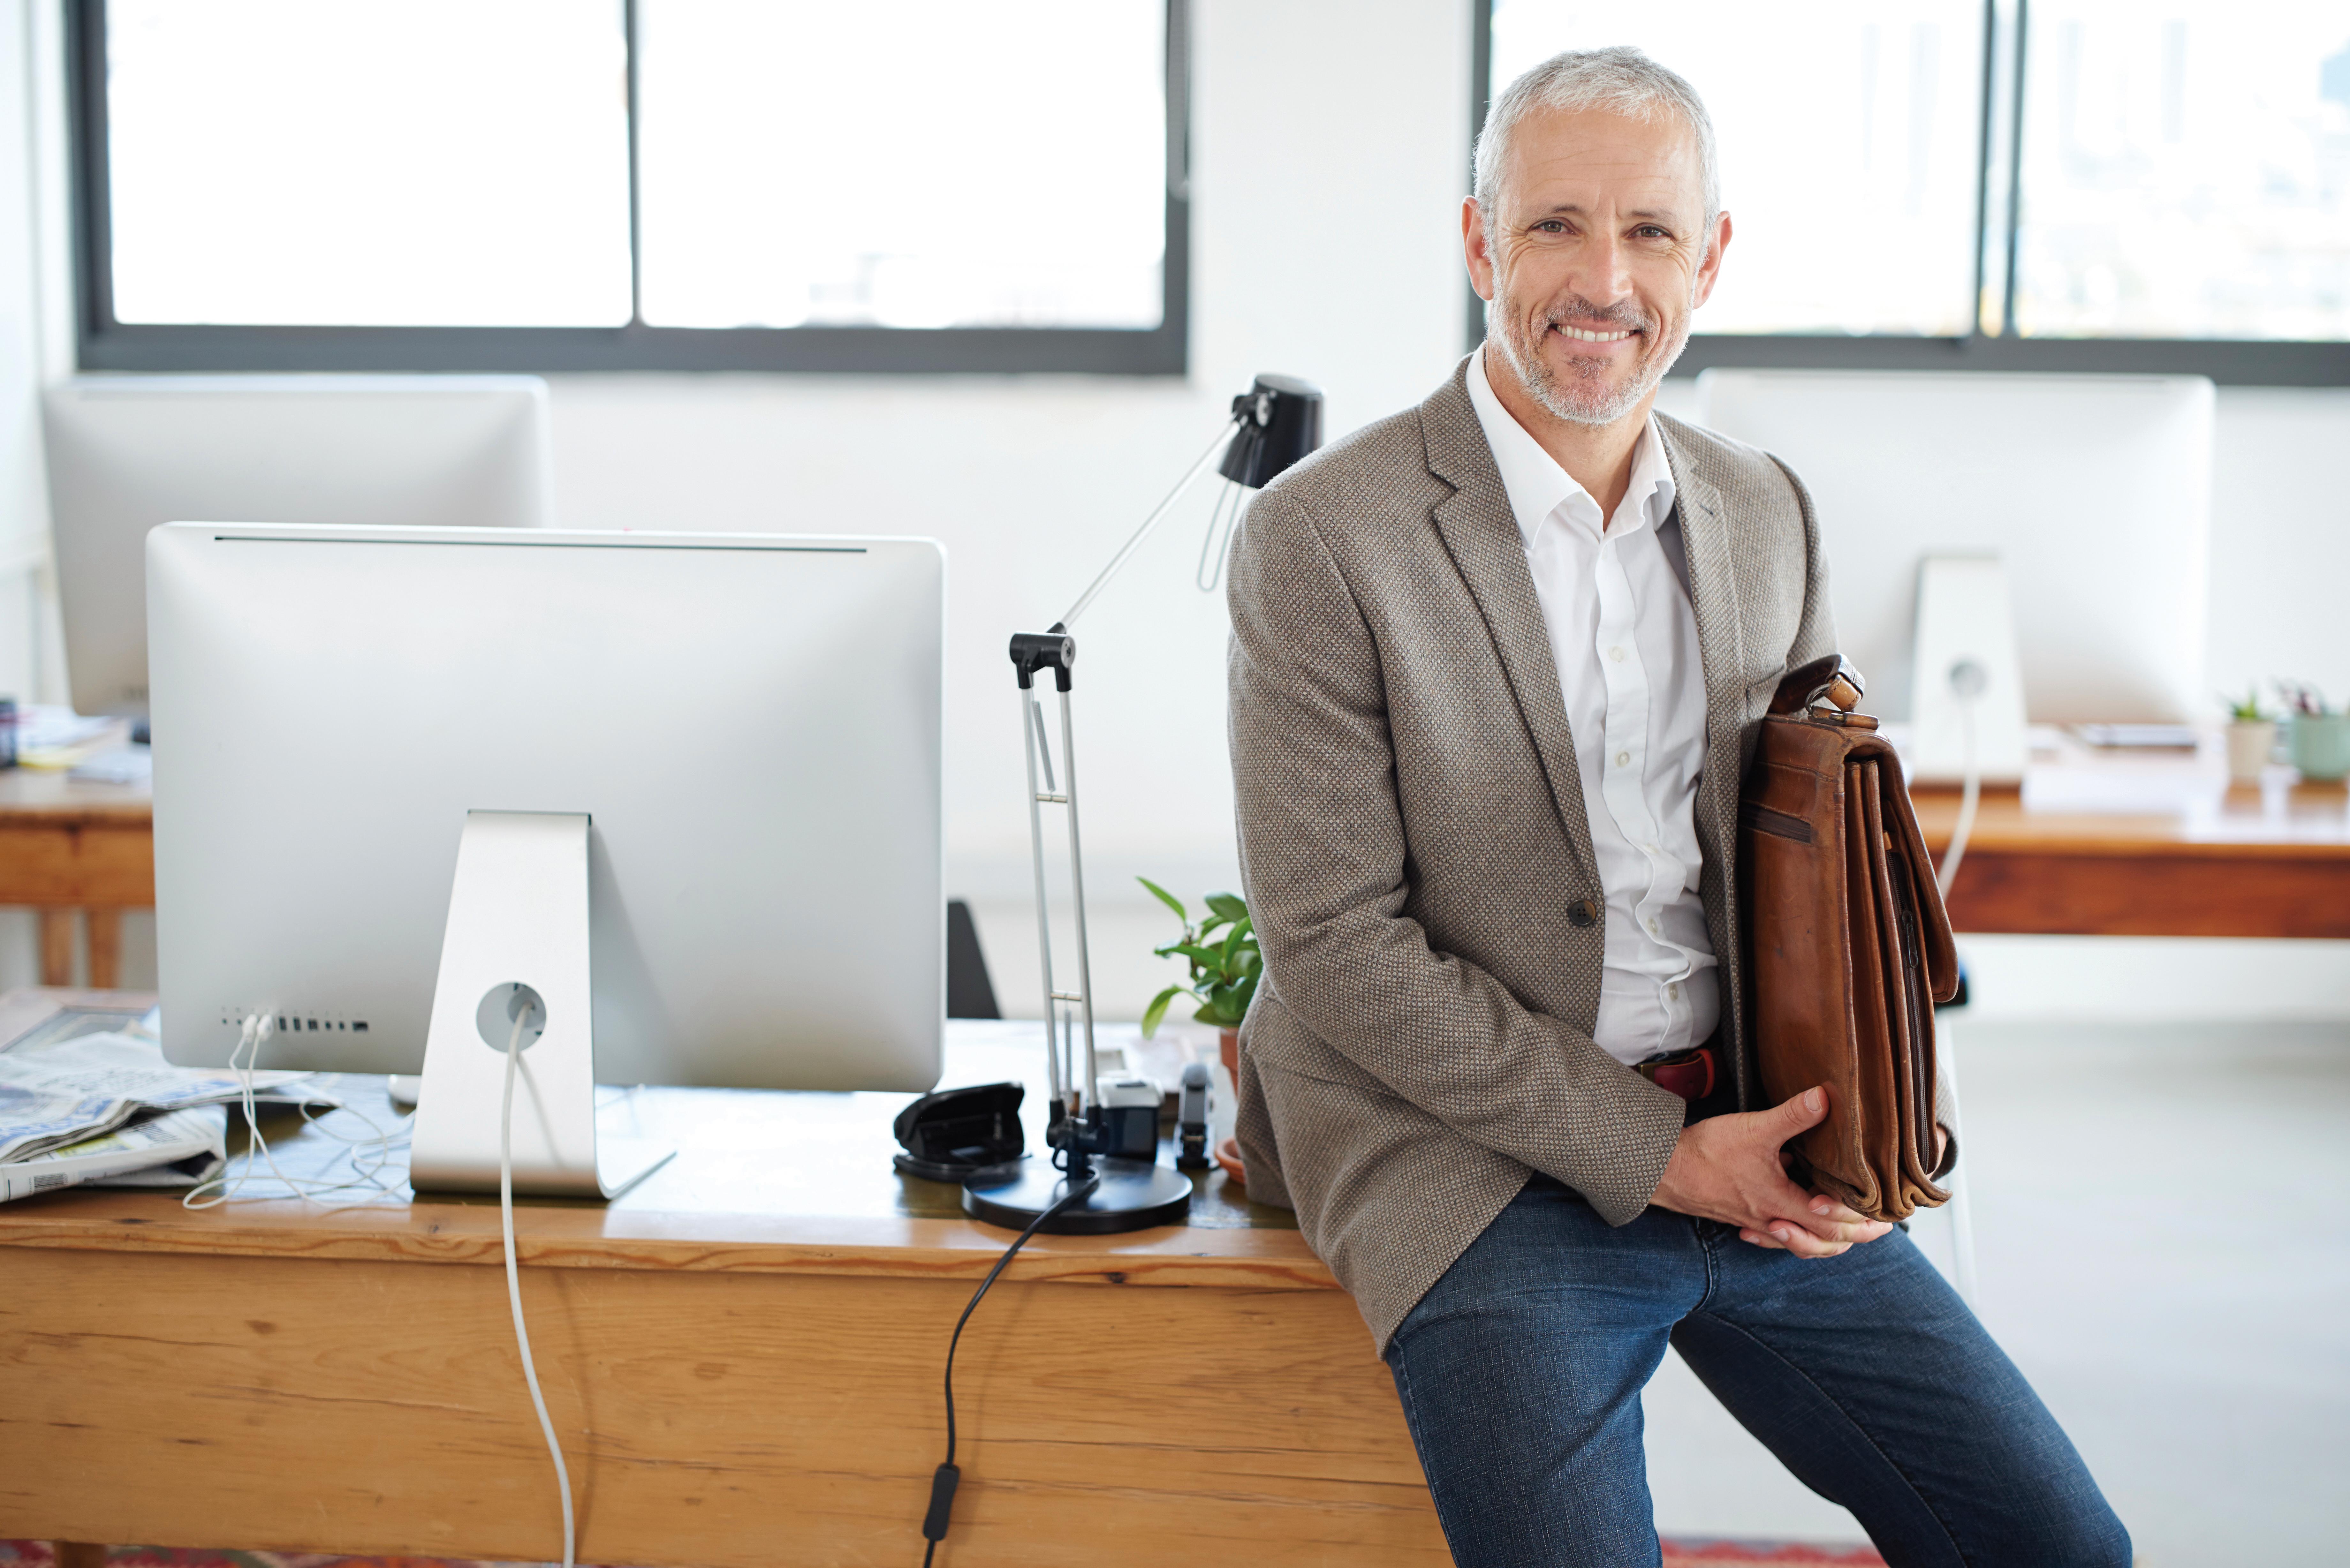 Aelterer Herr mit Aktentasche lehnt an Schreibtisch